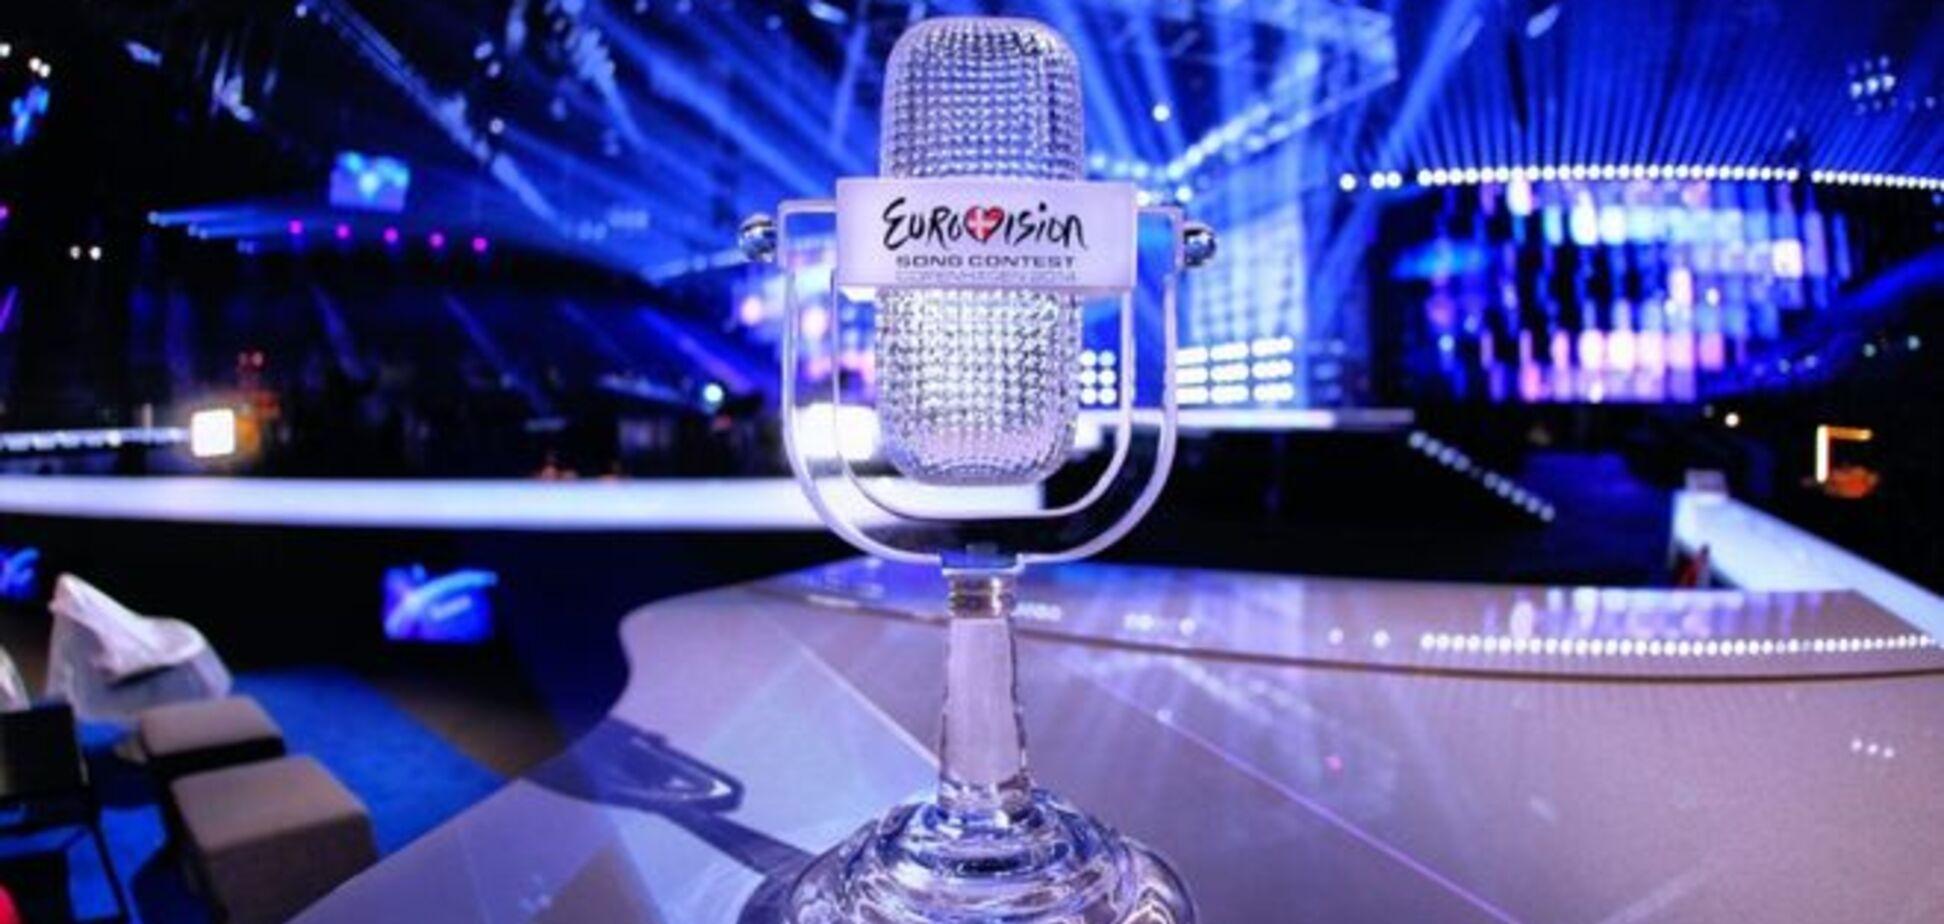 Финал Евровидения-2015: онлайн-трансляция